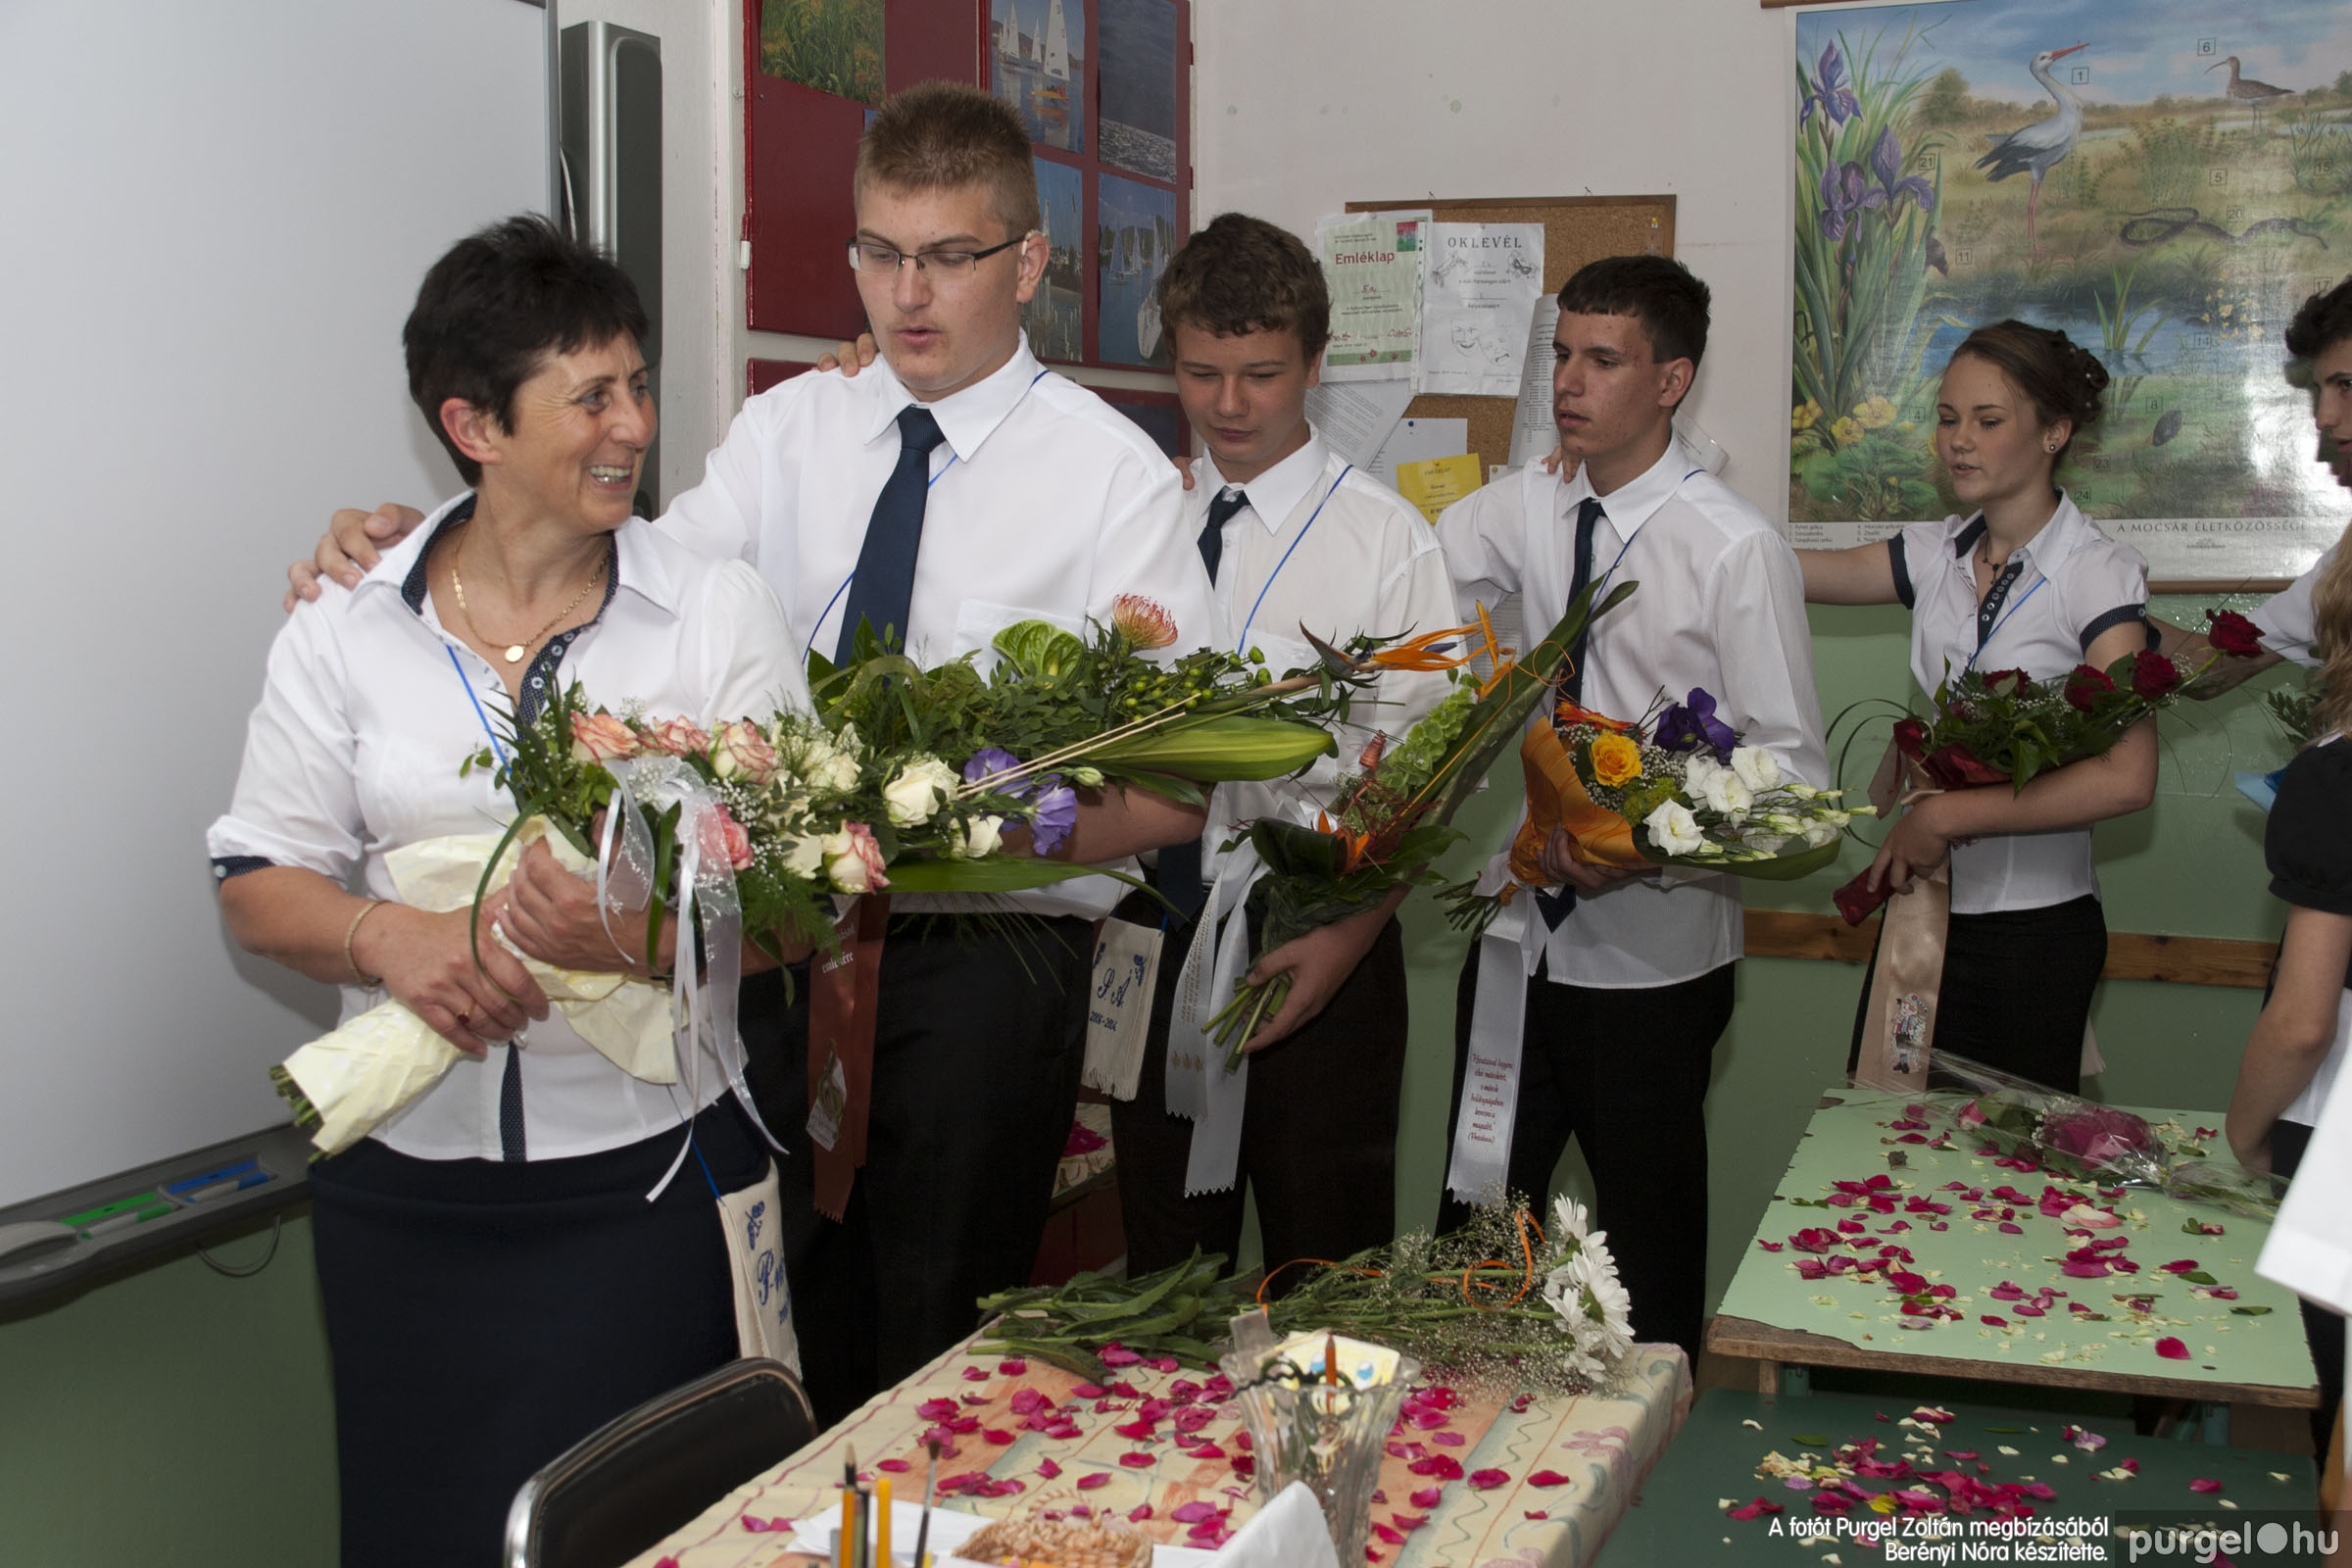 2014.06.14. 108 Forray Máté Általános Iskola ballagás 2014. - Fotó:BERÉNYI NÓRA© _MG_5683.jpg